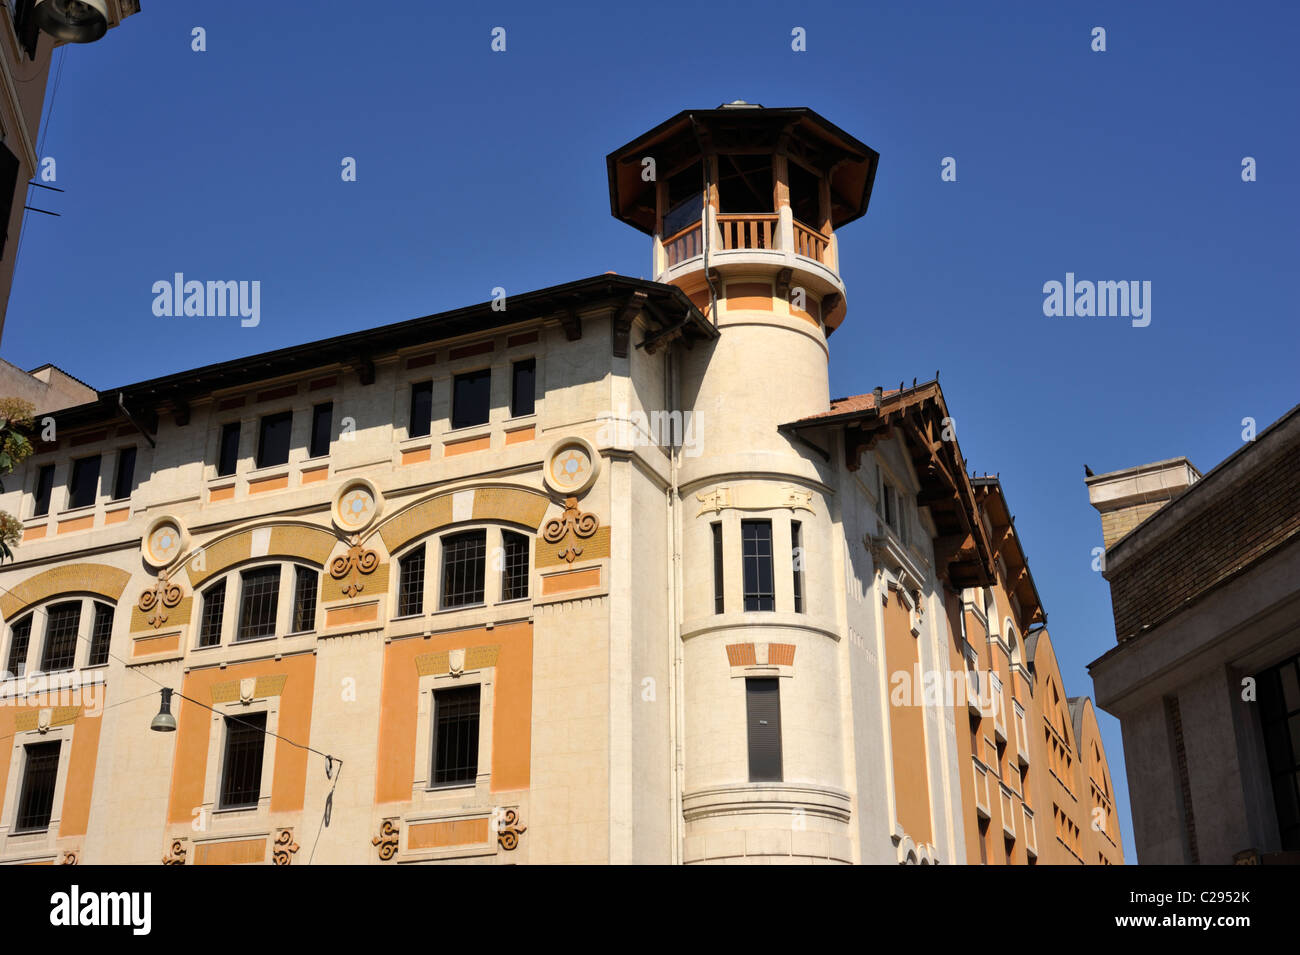 Italia, Roma, Birra Peroni, ex-birreria, edificio in stile liberty (il liberty italiano) Immagini Stock